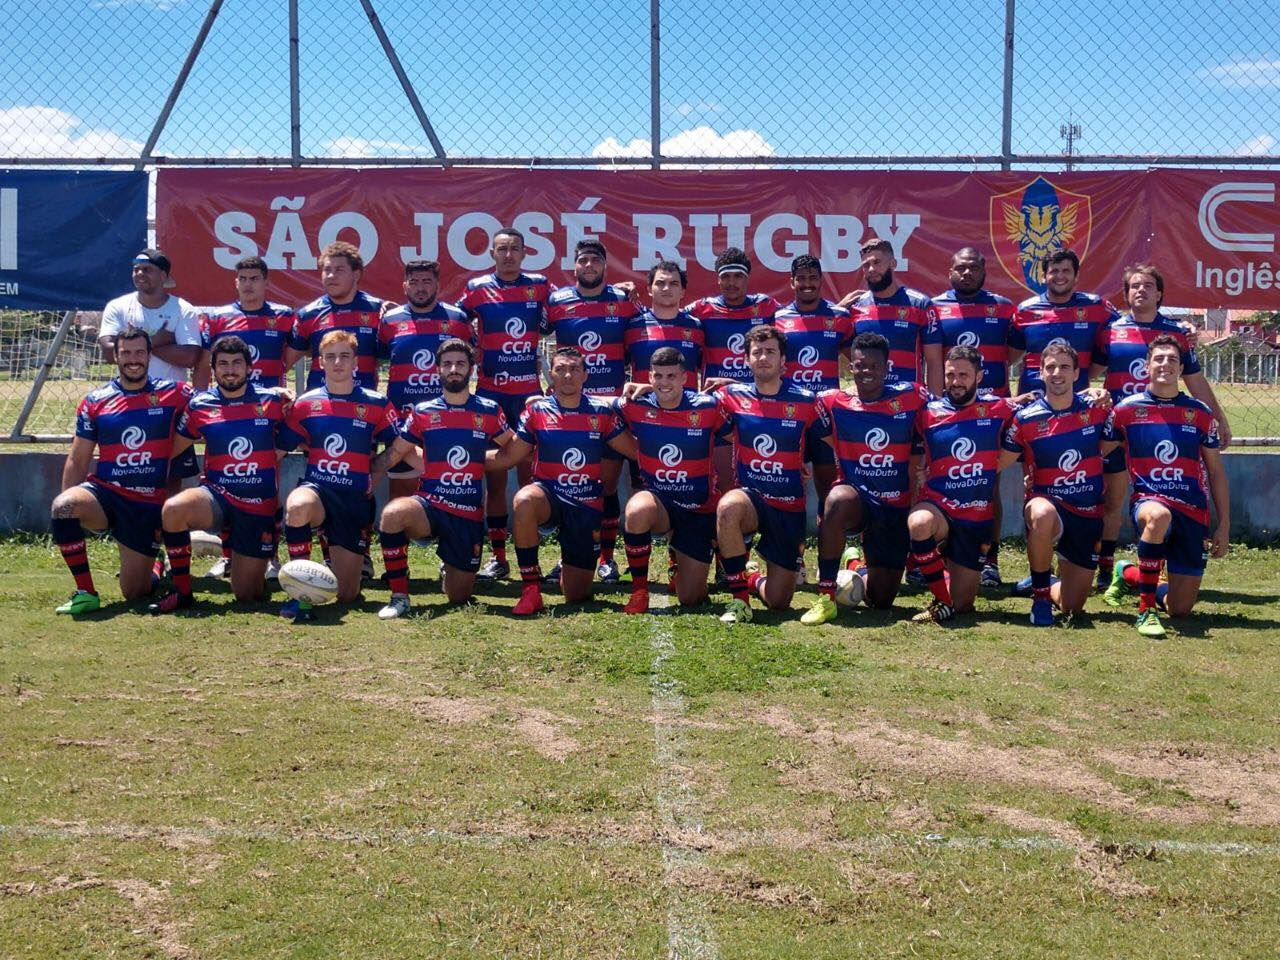 Apoiado pela CCR NovaDutra, São José Rugby busca a ponta do Paulista de XV